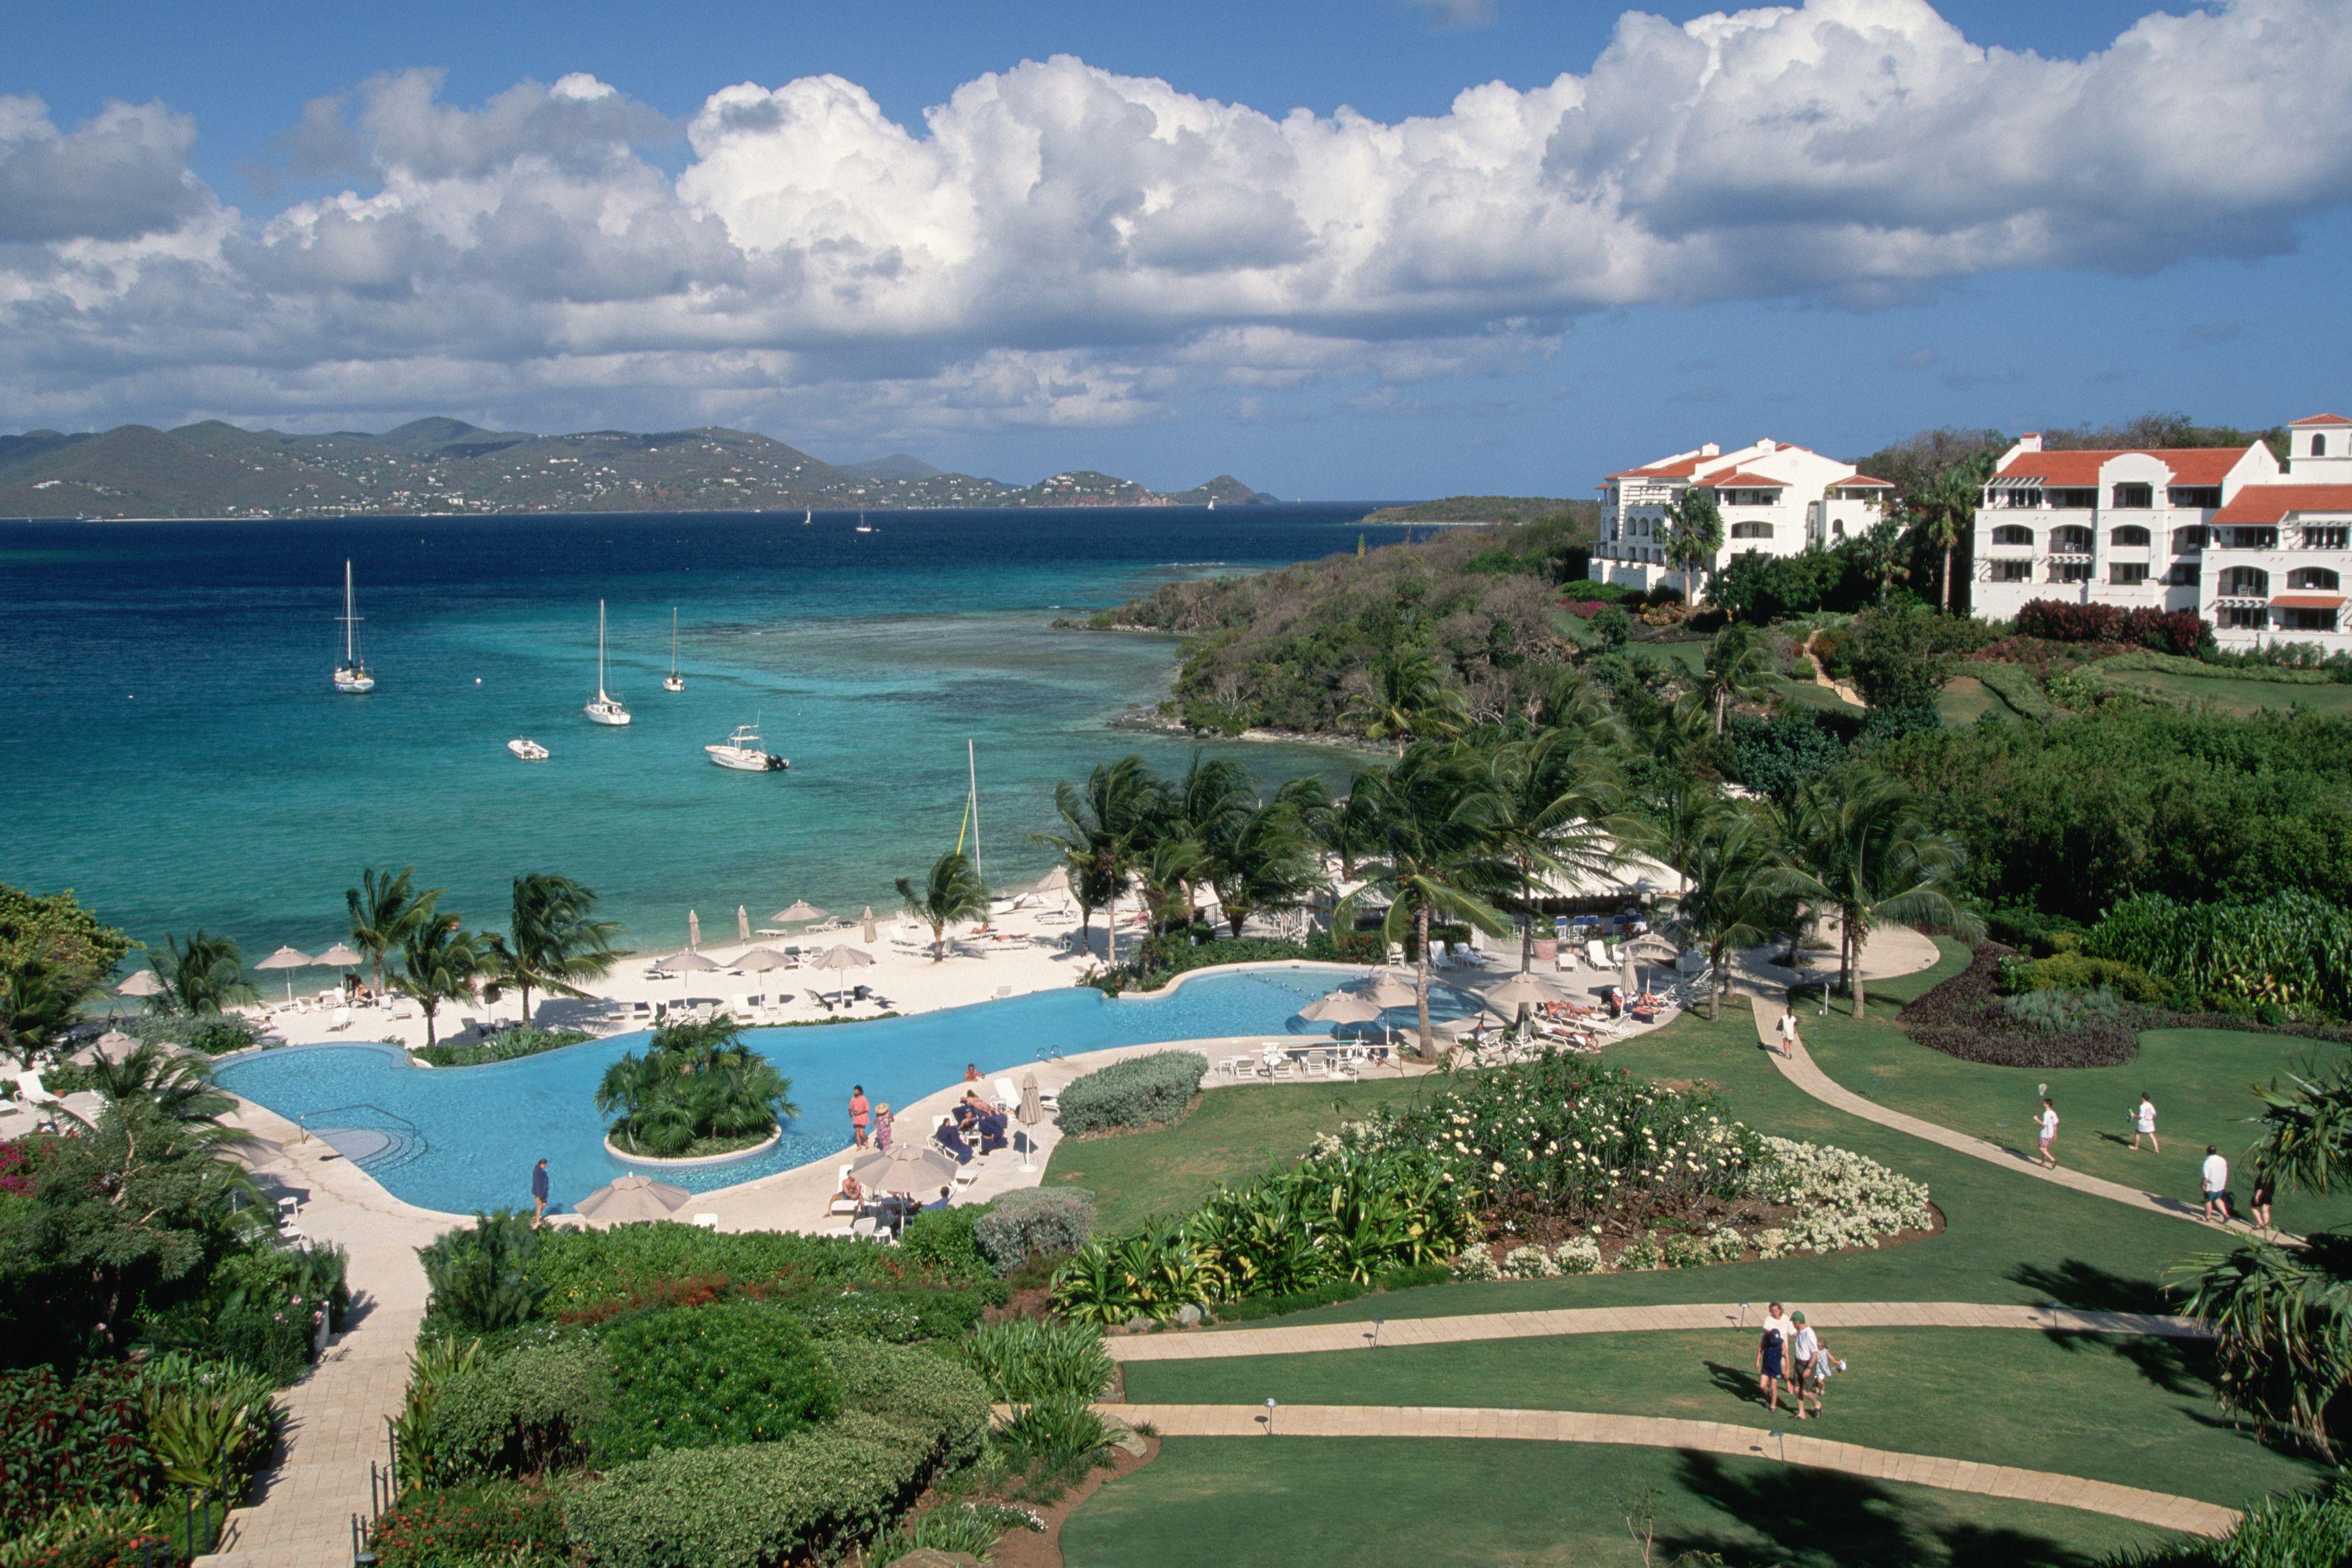 Resort at Ponce